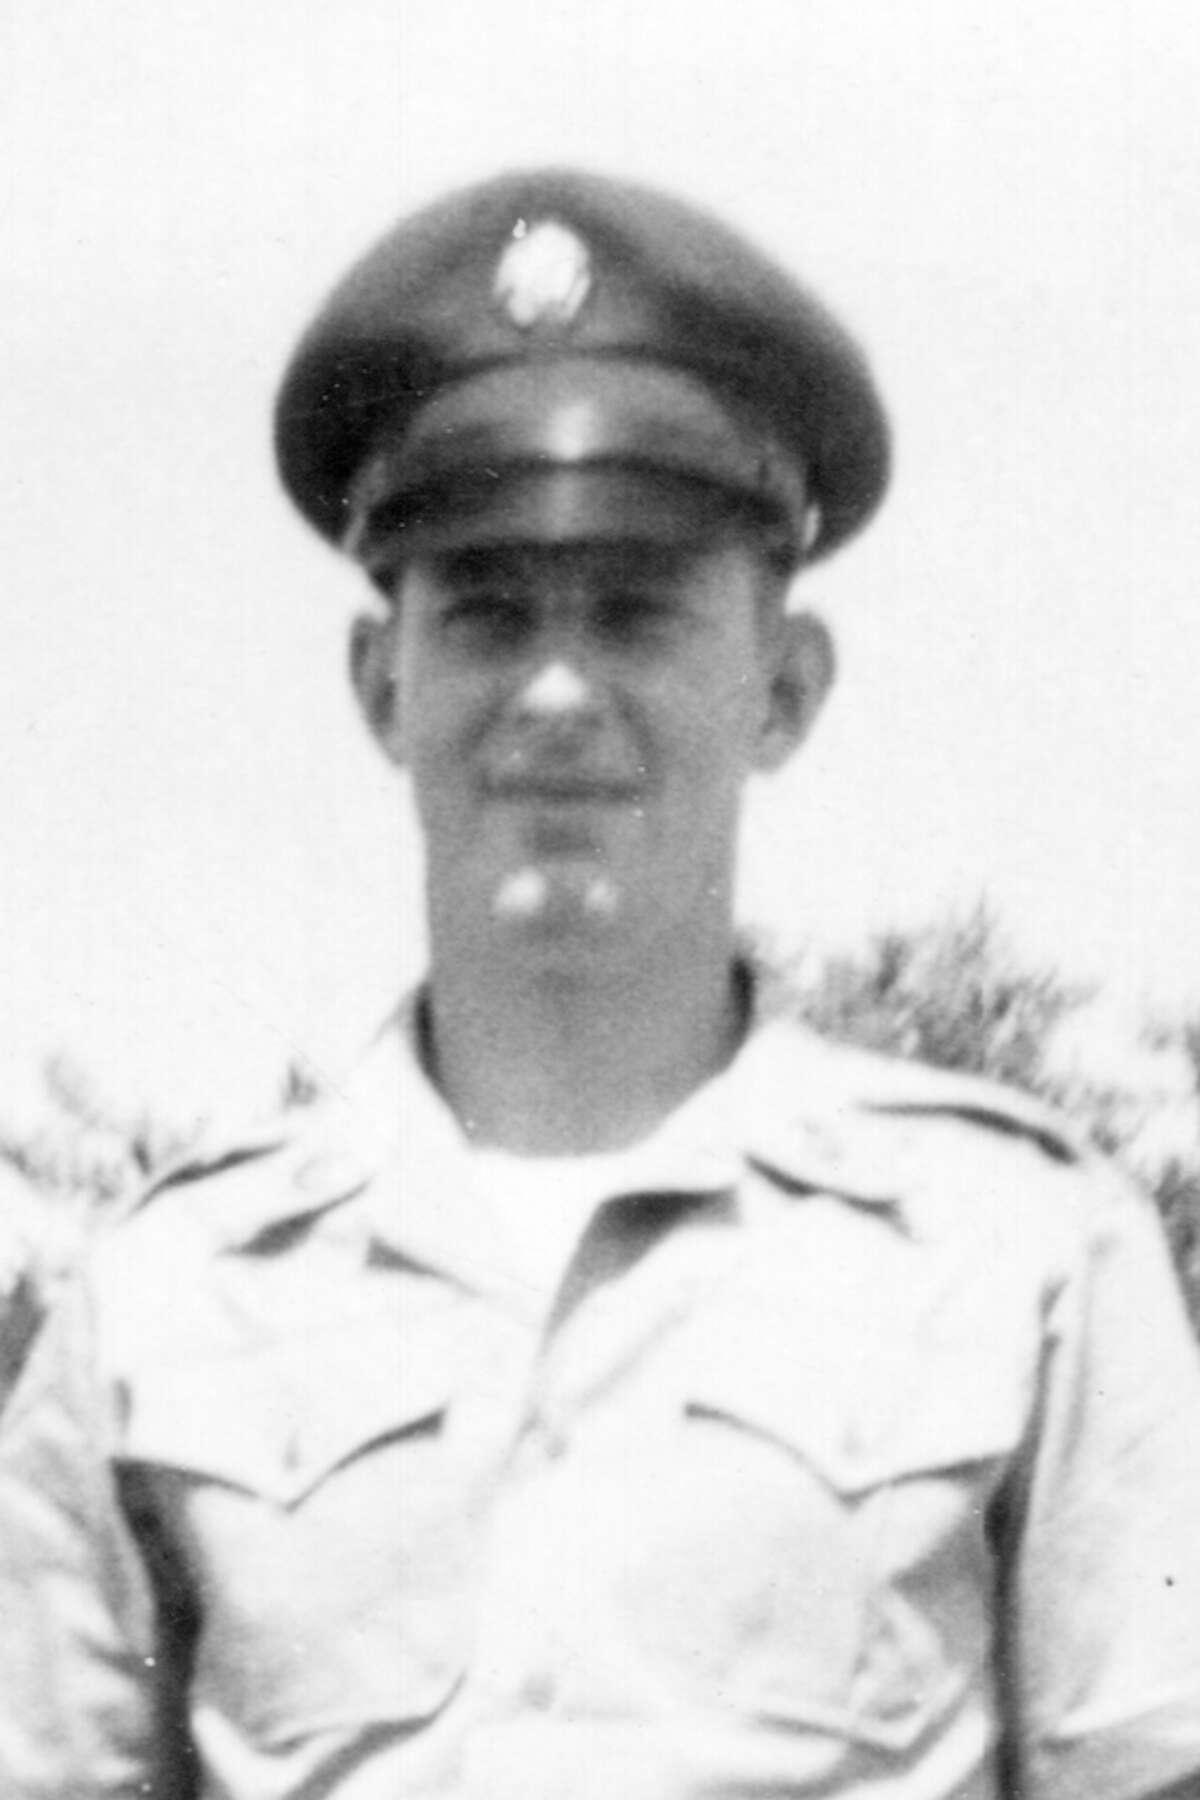 Donald Kailing, SPC4, U.S. Army